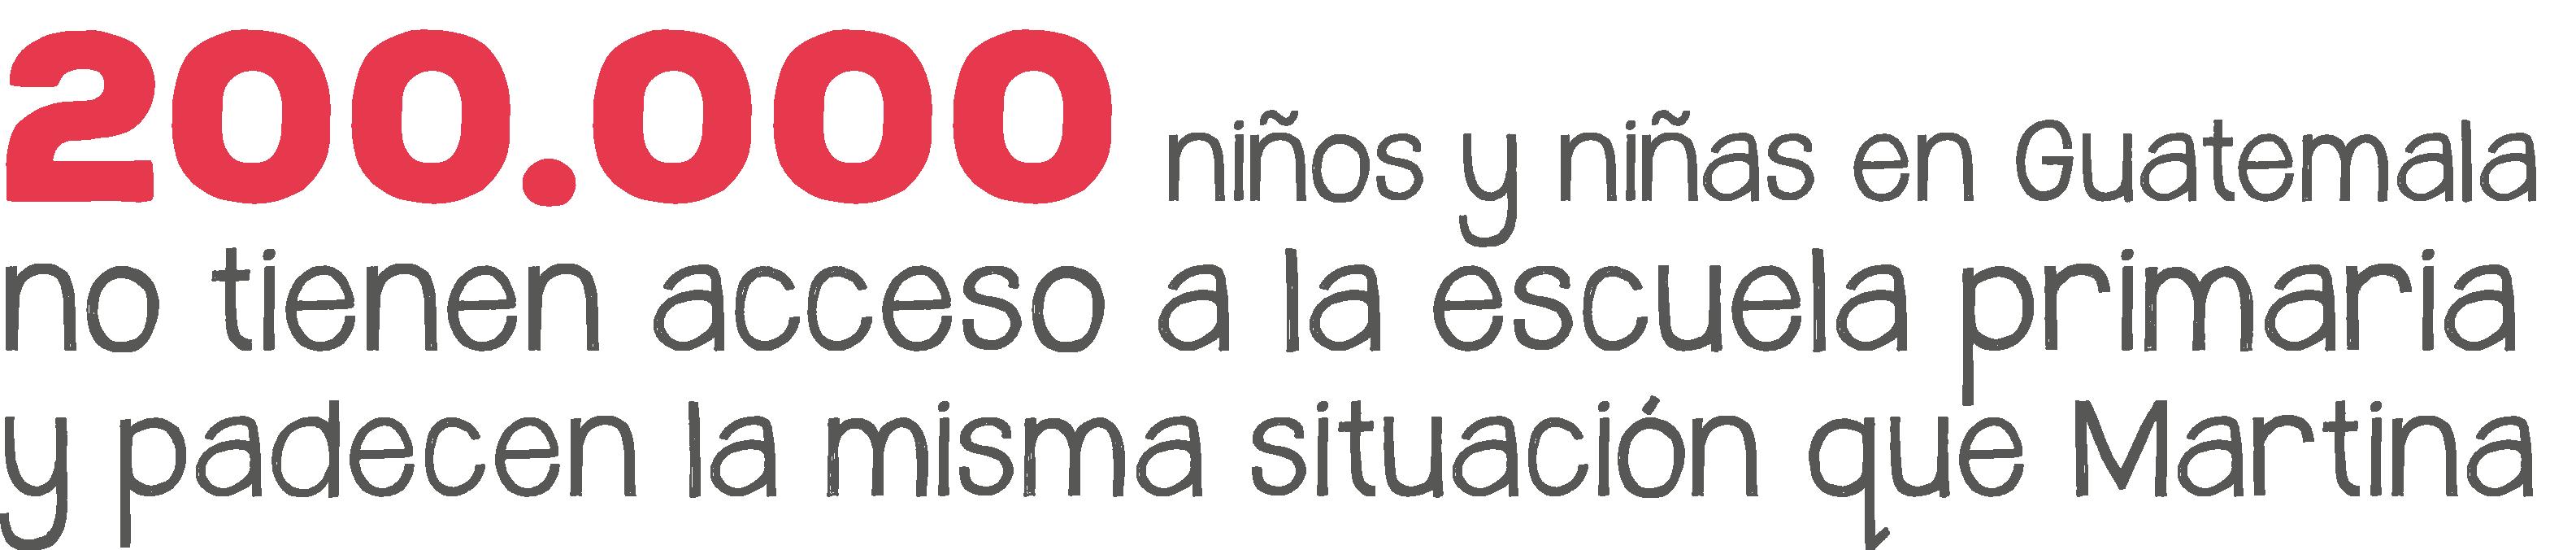 200000 niños y niñas en guatemala no tienen acceso a la escuela primaria y padecen la misma situación que Martina